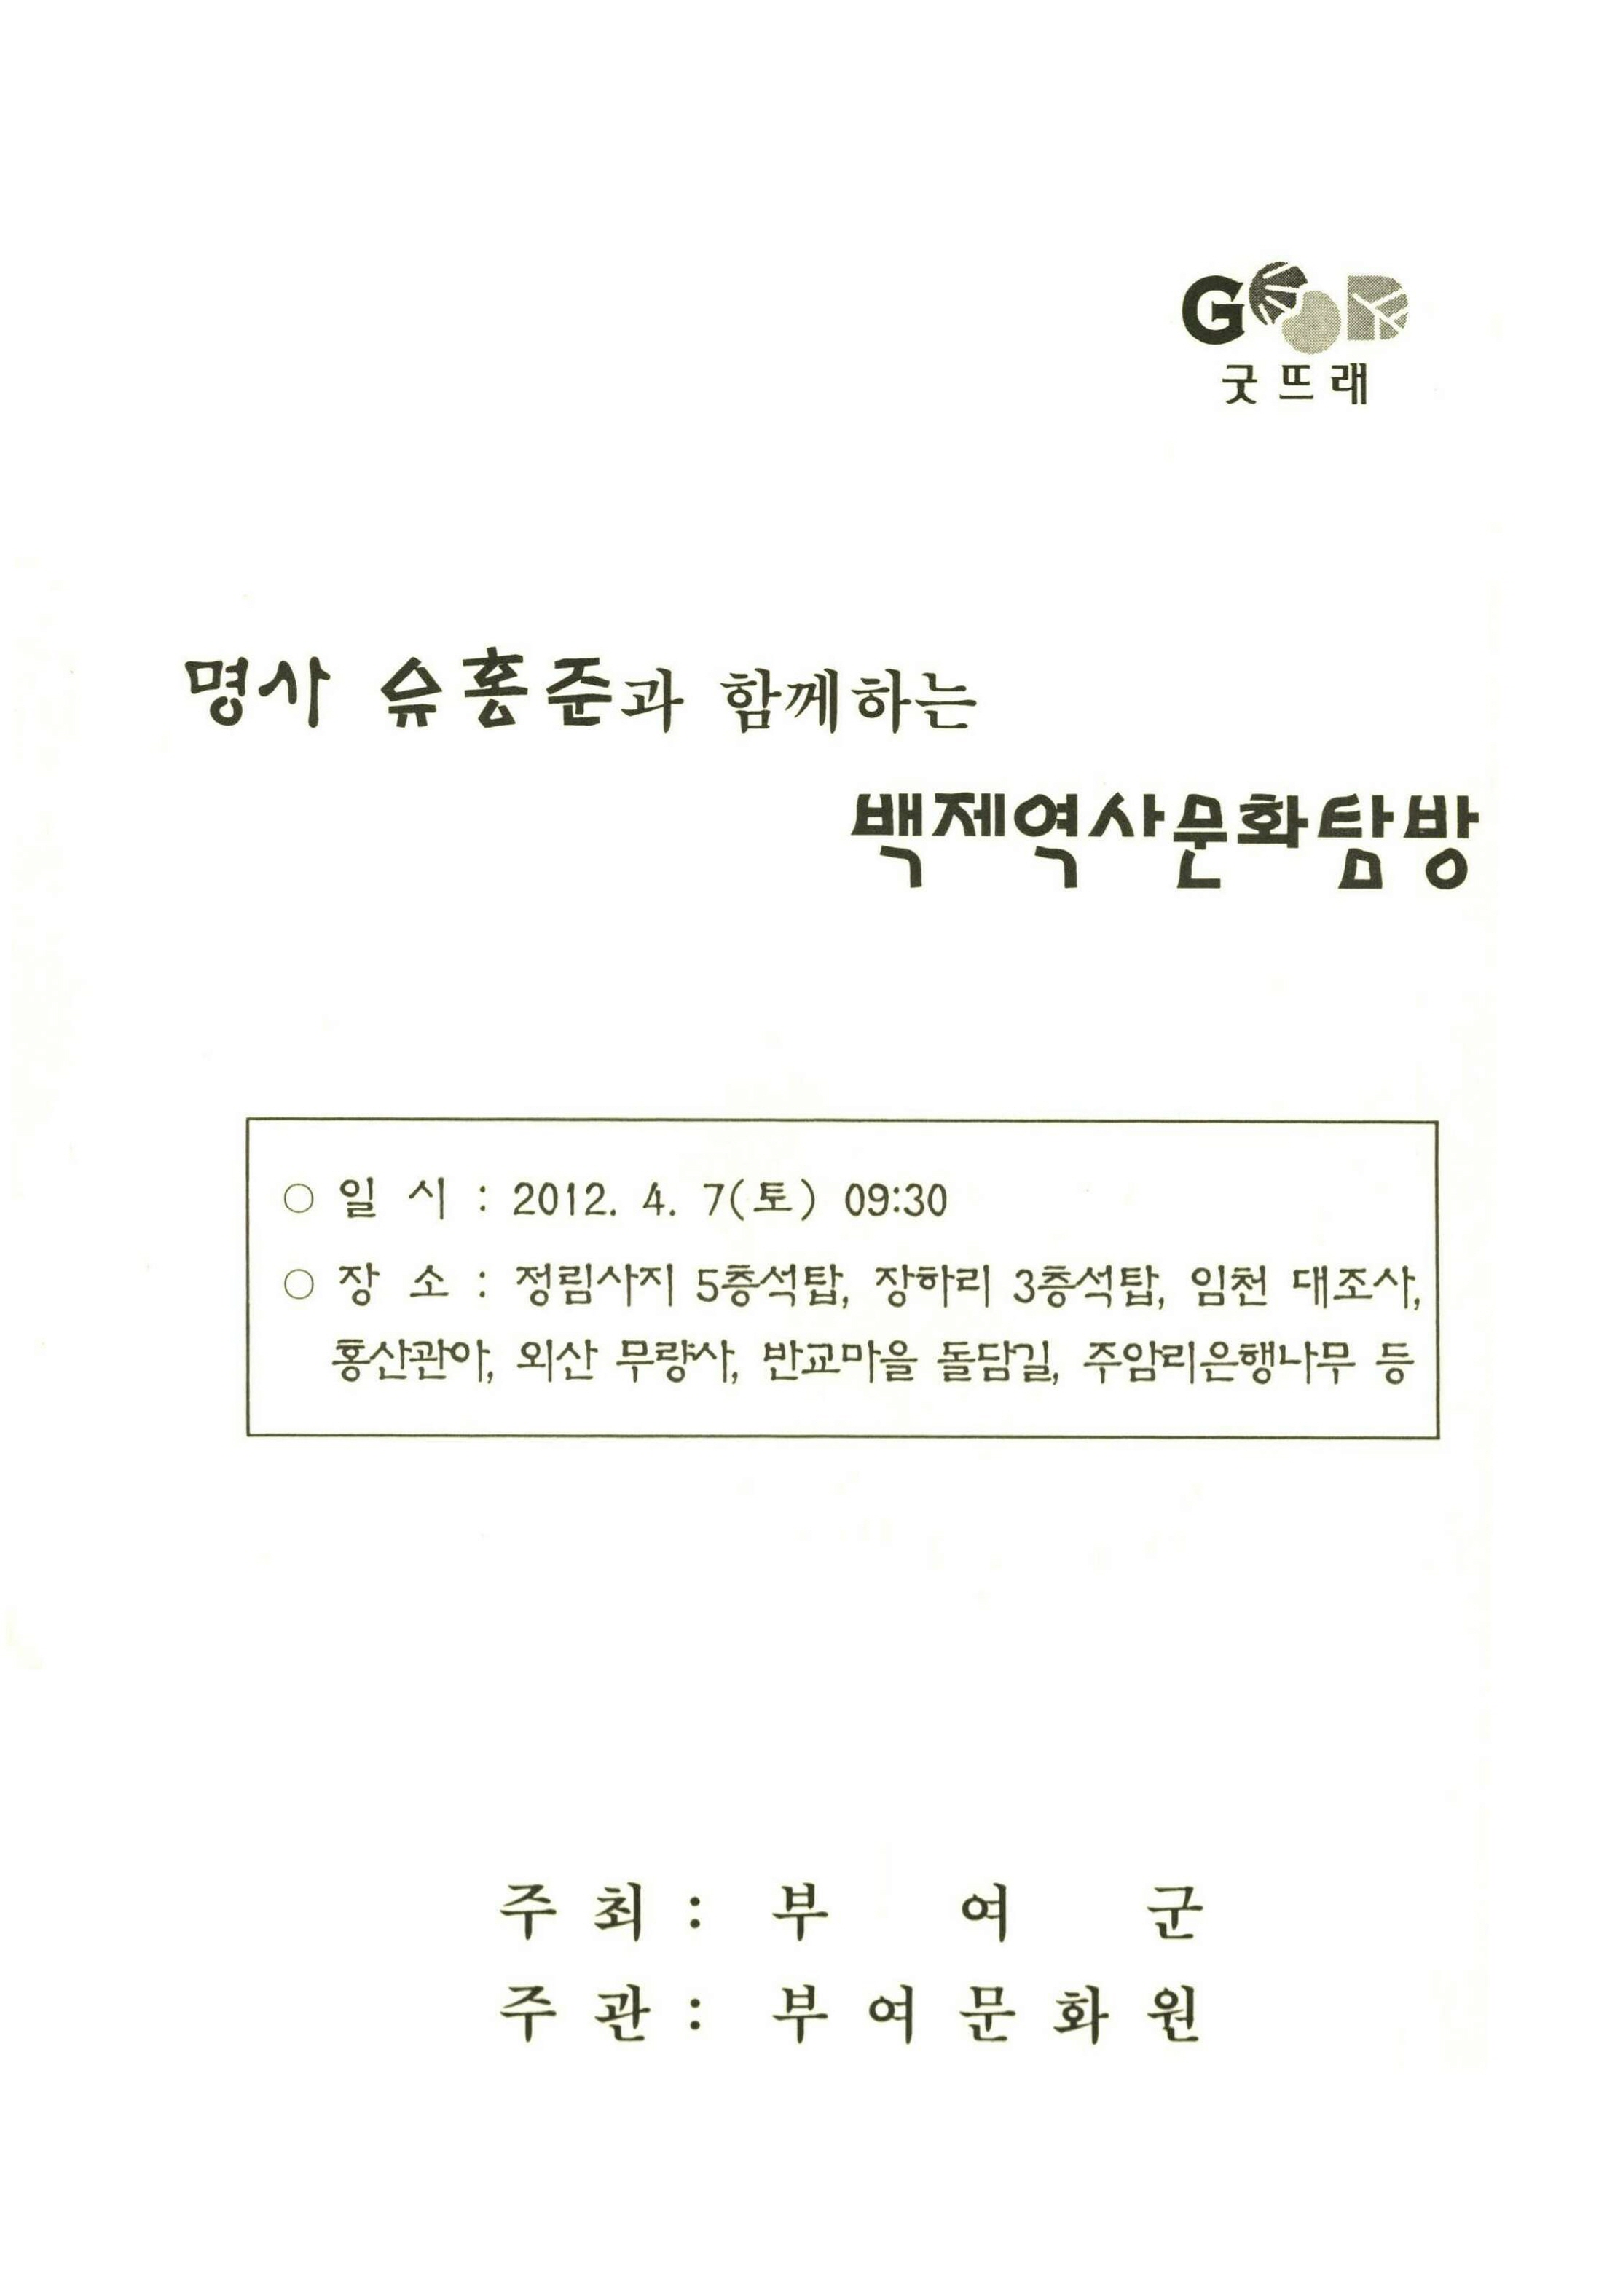 명사 유홍준과 함께하는 백제역사문화탐방